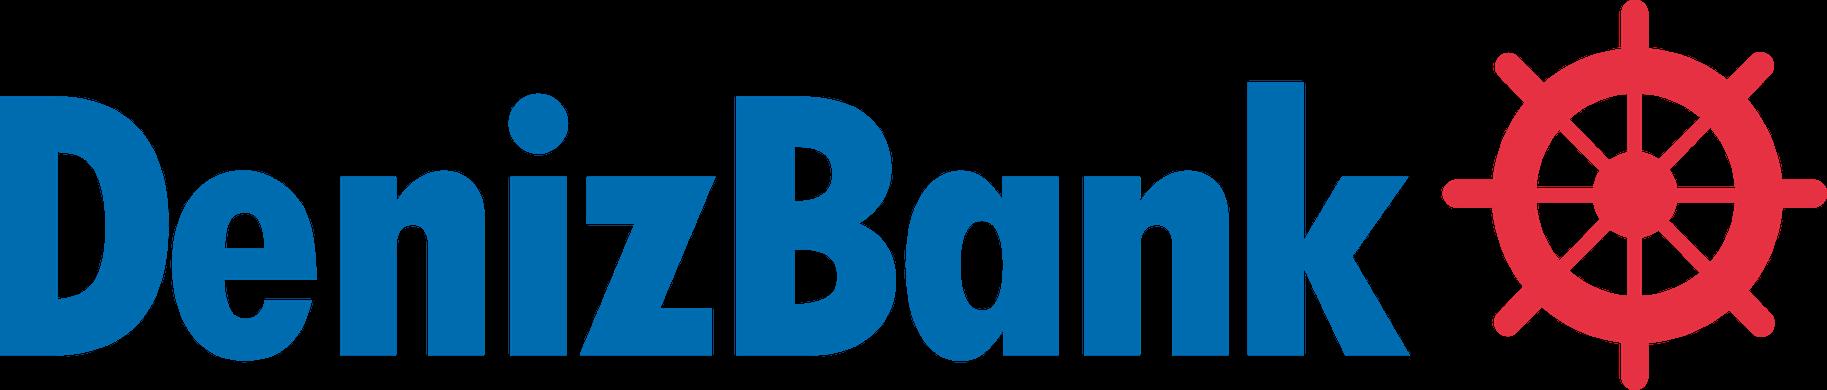 DenizBank (Wien) AG